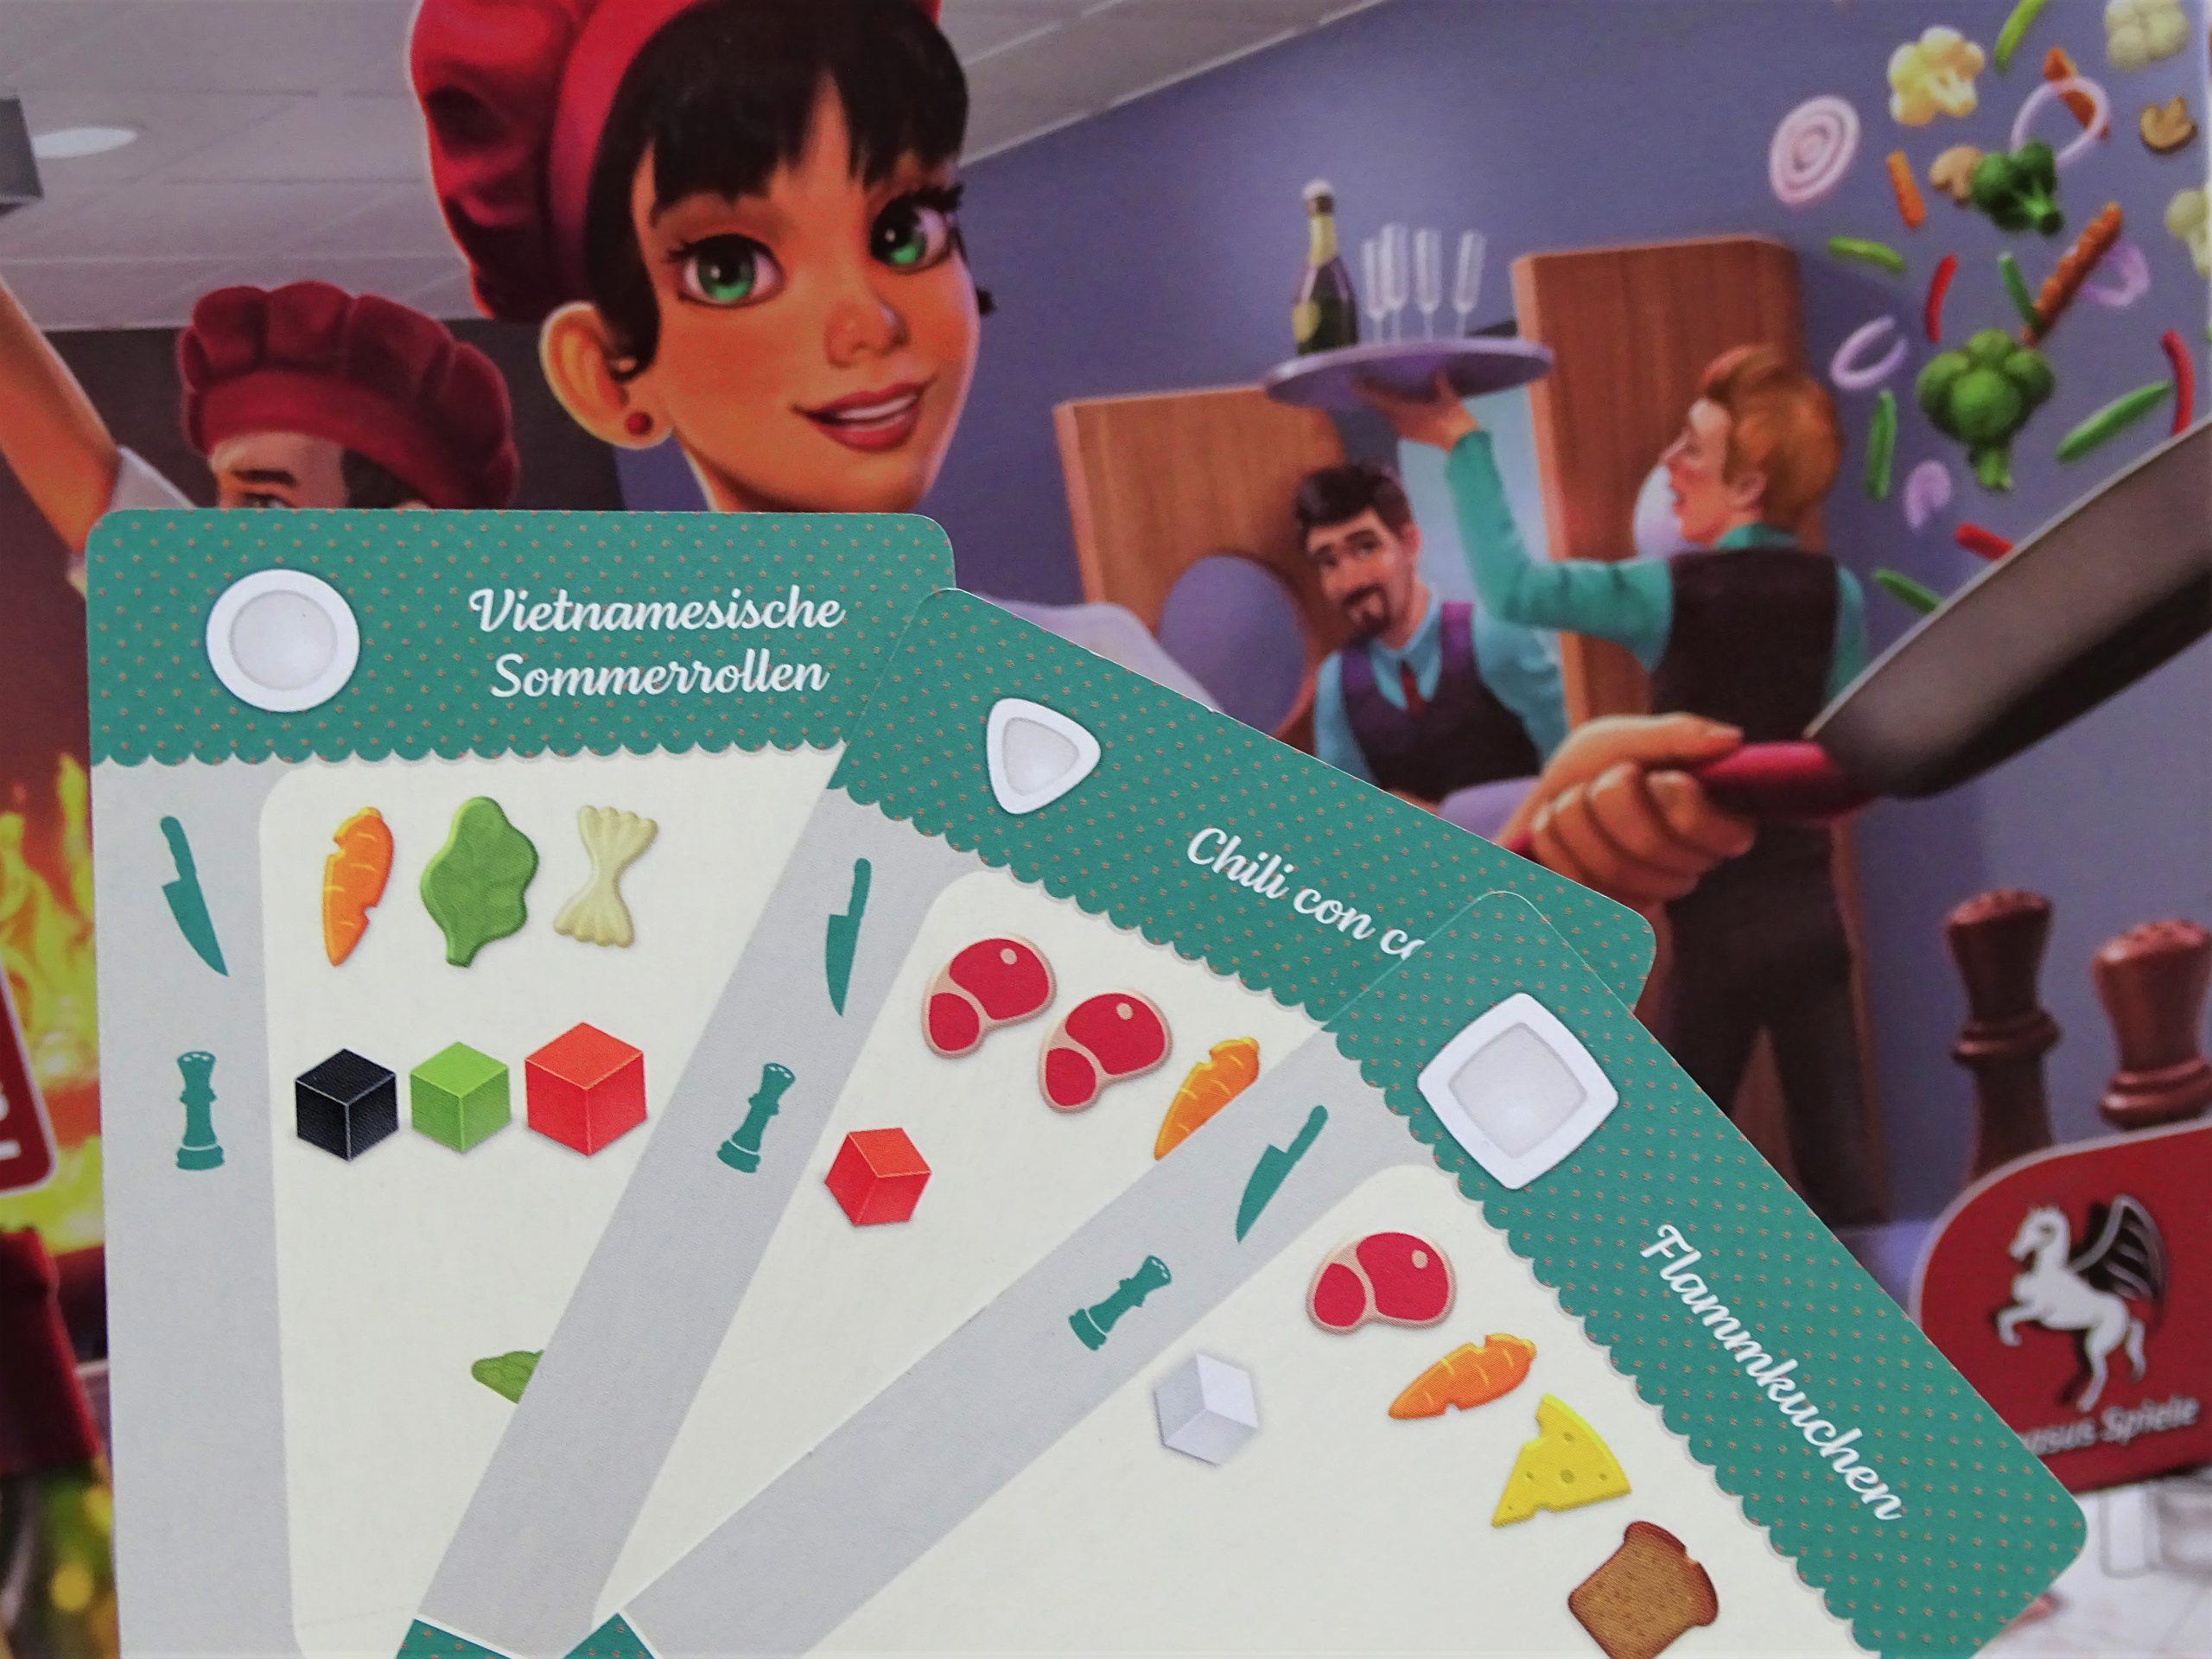 Die Karten zeigen Zutaten und Tellerform